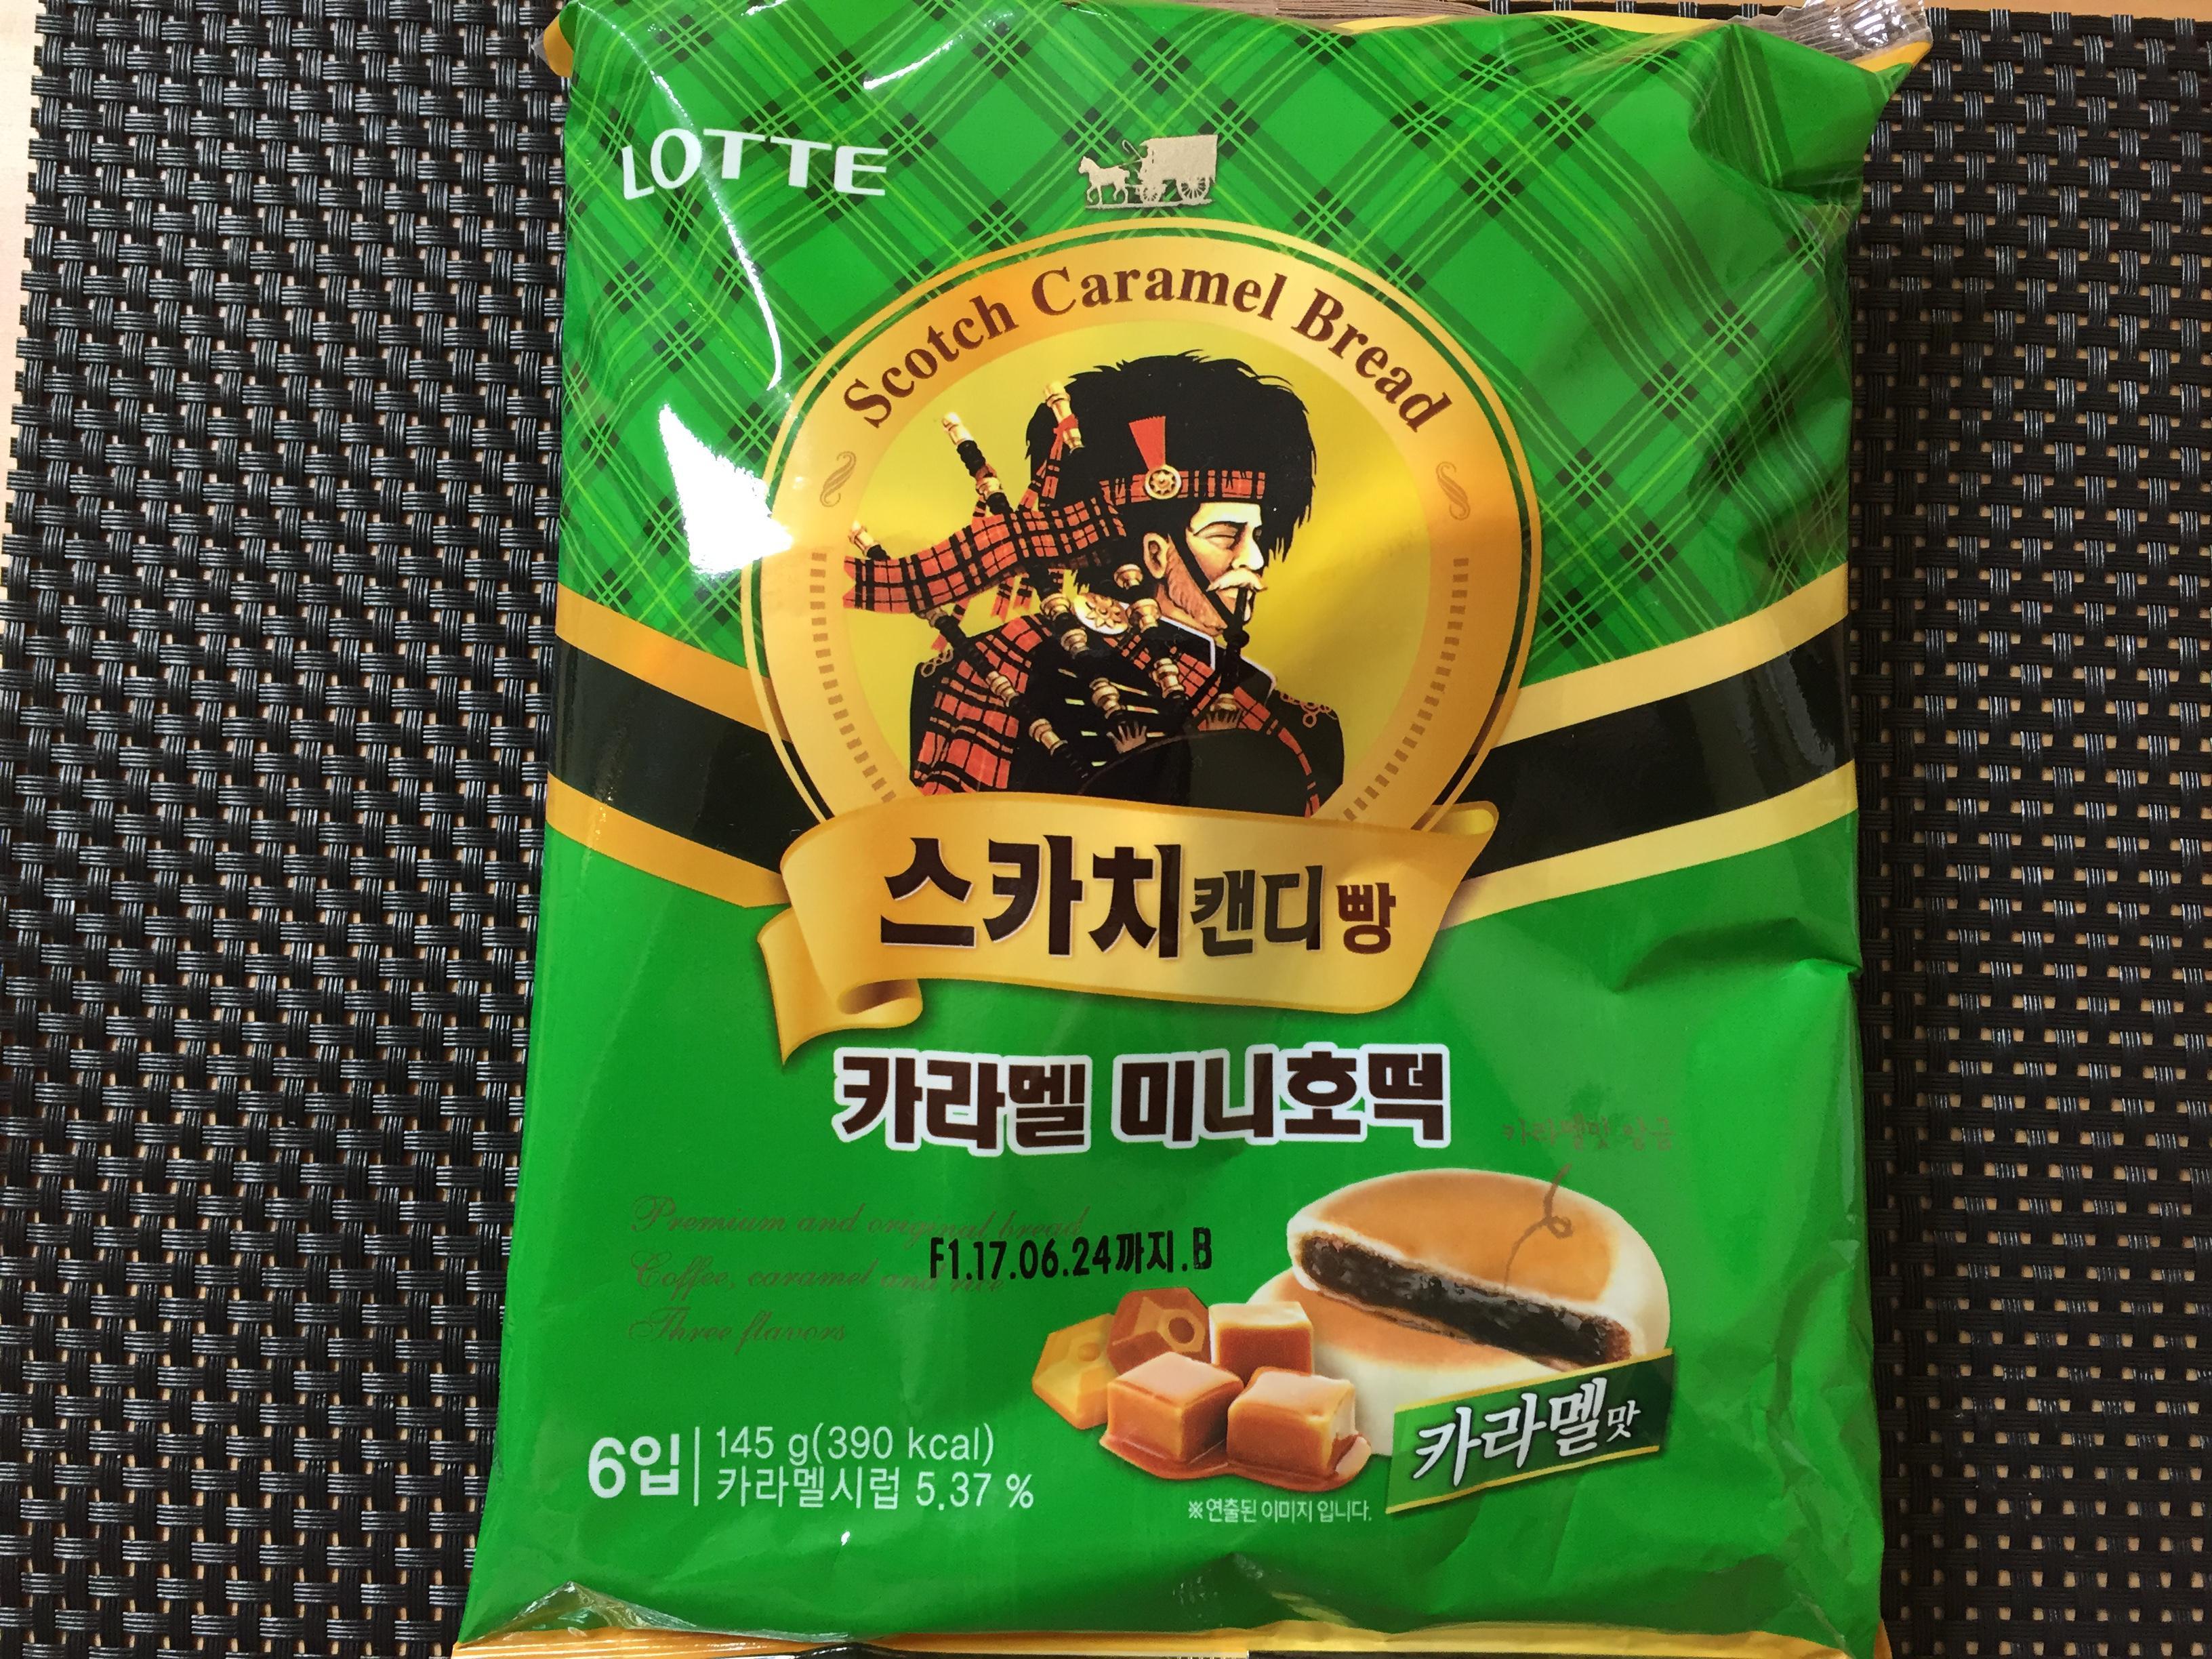 [LOTTE] 스카치 캔디 빵 카라멜 미니호떡